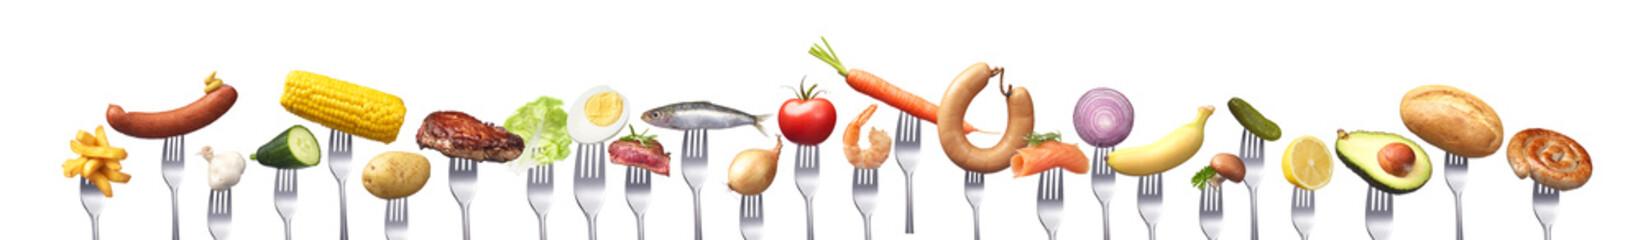 Gruppe von Lebensmitteln